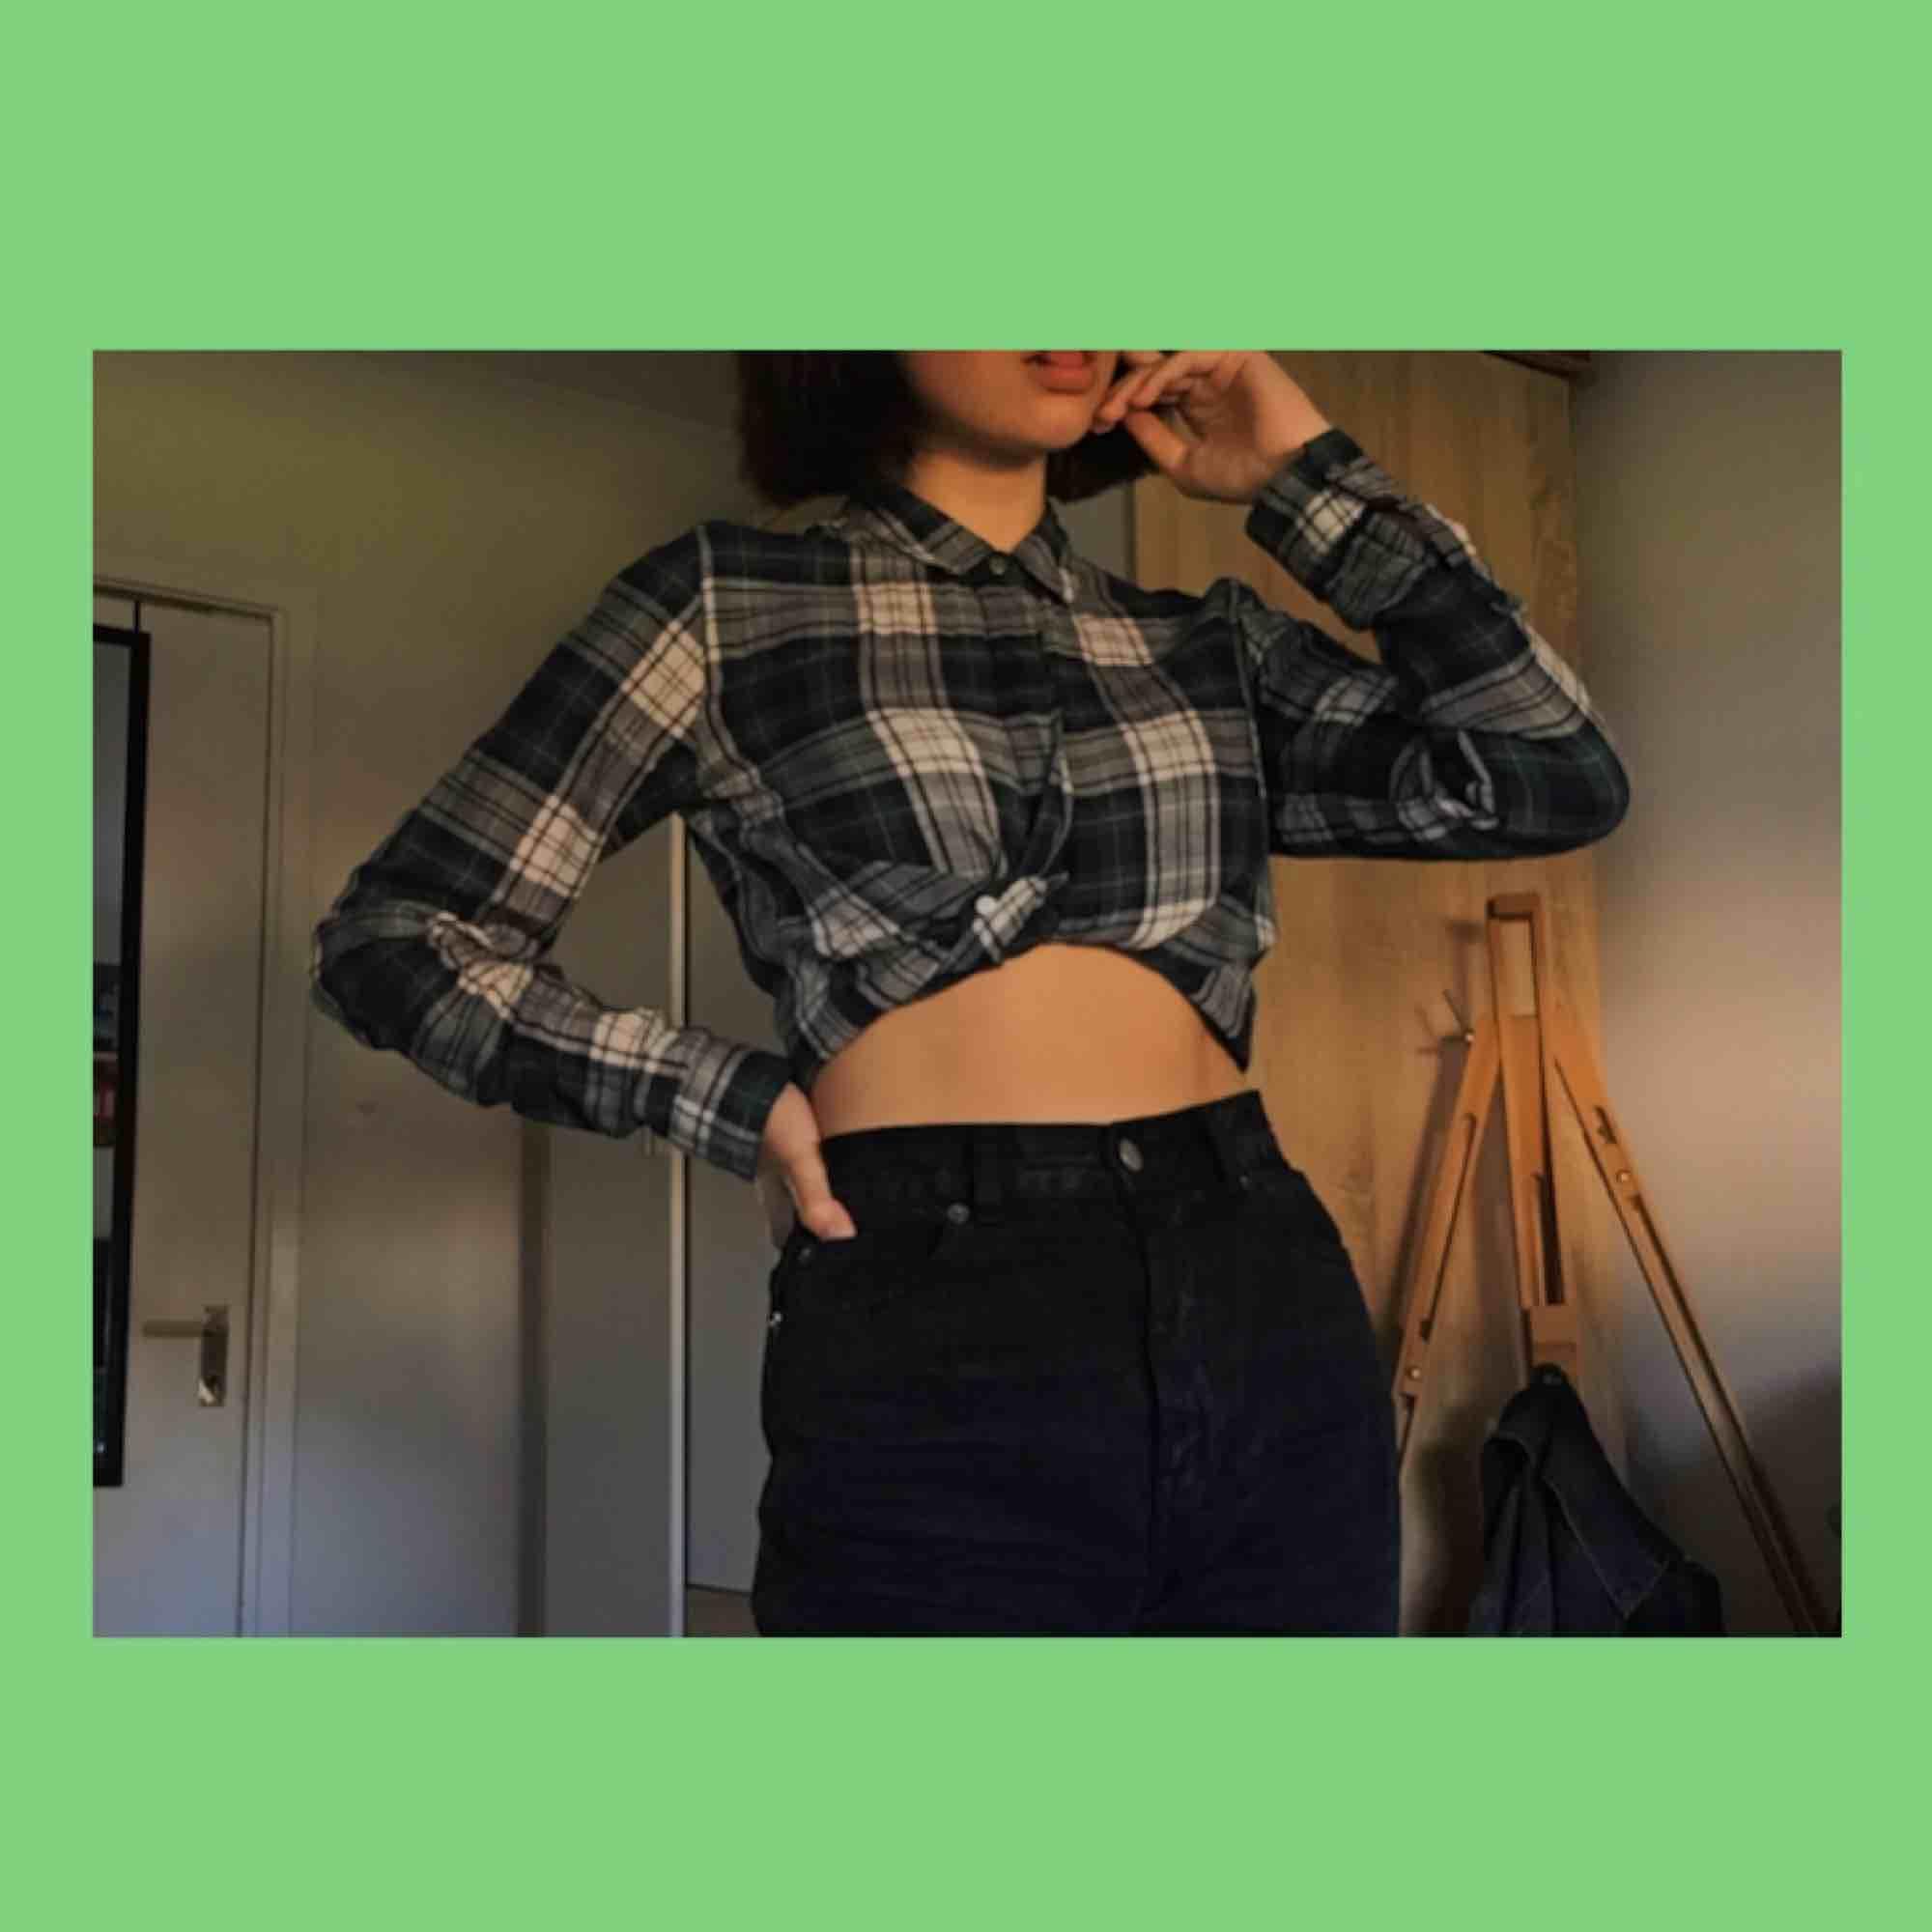 riktigt snygg lite croppad skjorta dom tyvärr är lite för liten för mig så måste därför sälja den :( den är från gina tricot och är använd, men har inga skador. Frakt är inräknad!. Skjortor.